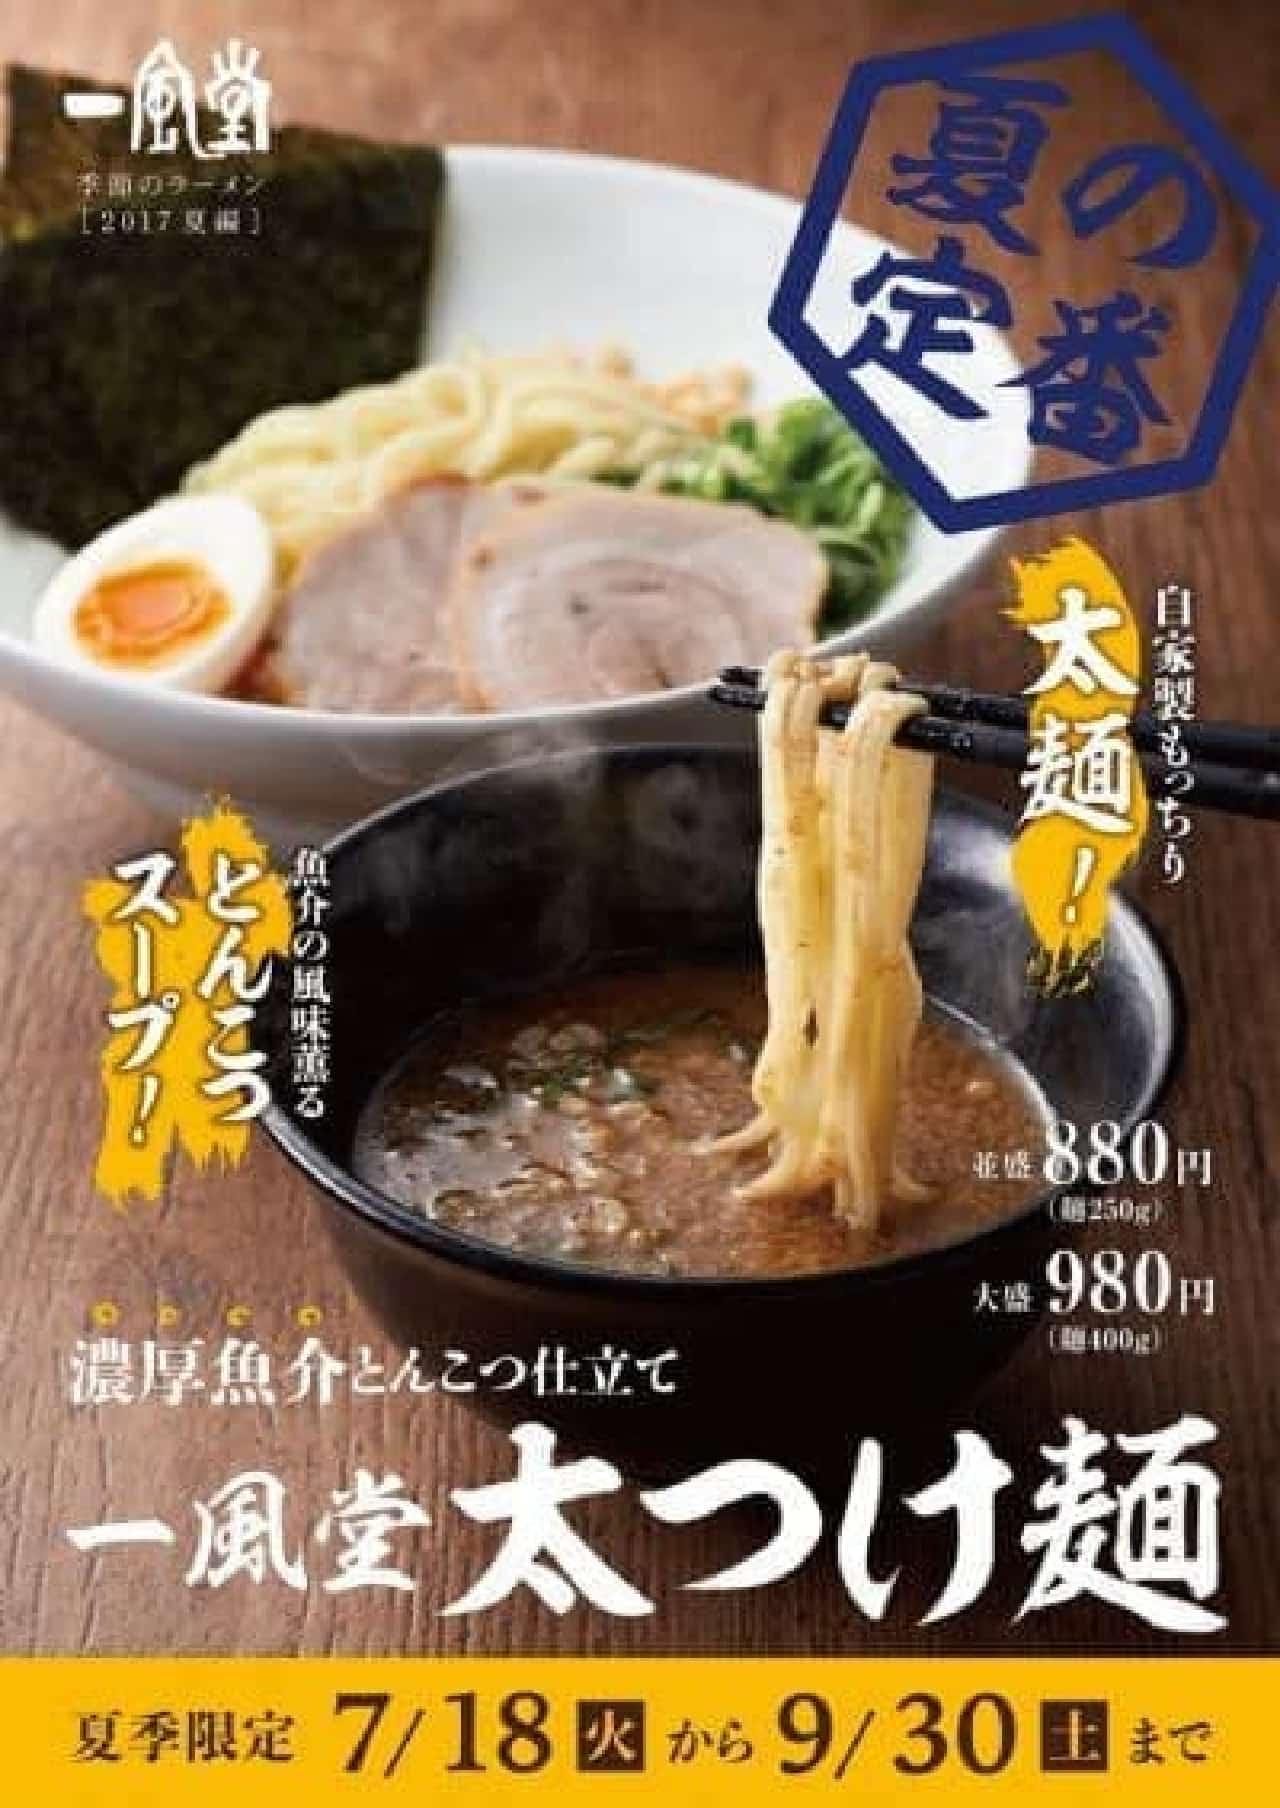 「一風堂 太つけ麺」は太つけ麺を濃厚魚介とんこつ仕立てのダレにつけて食べるつけ麺